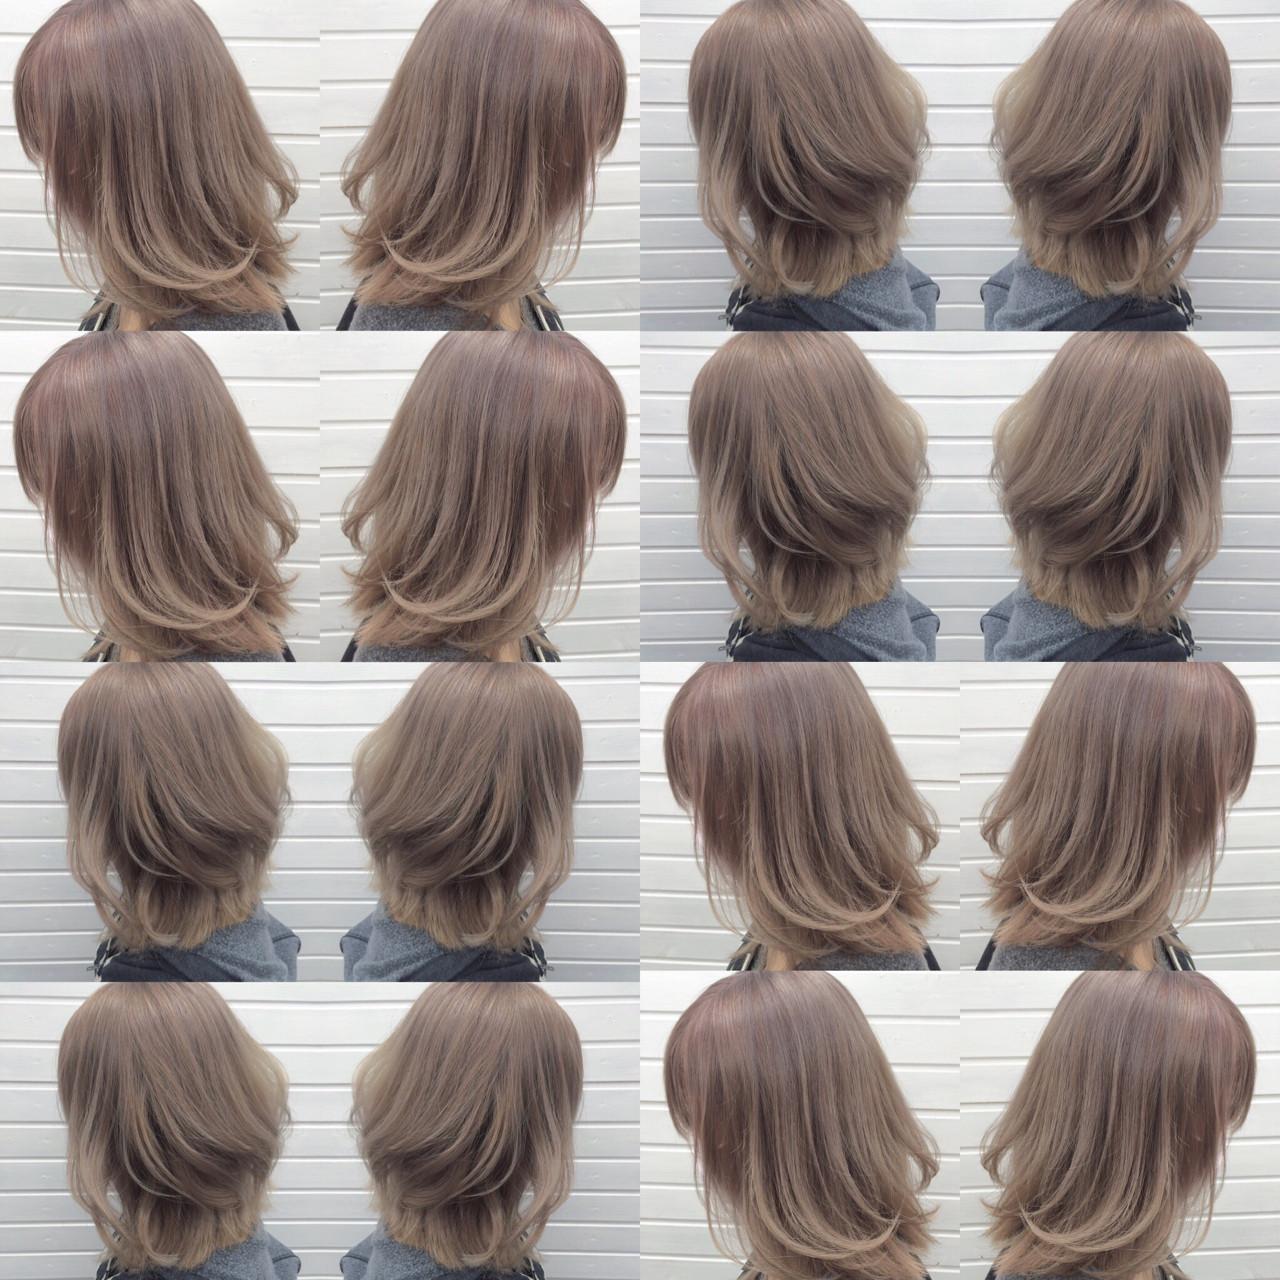 ミディアム ブリーチ パープル ラベンダーアッシュ ヘアスタイルや髪型の写真・画像